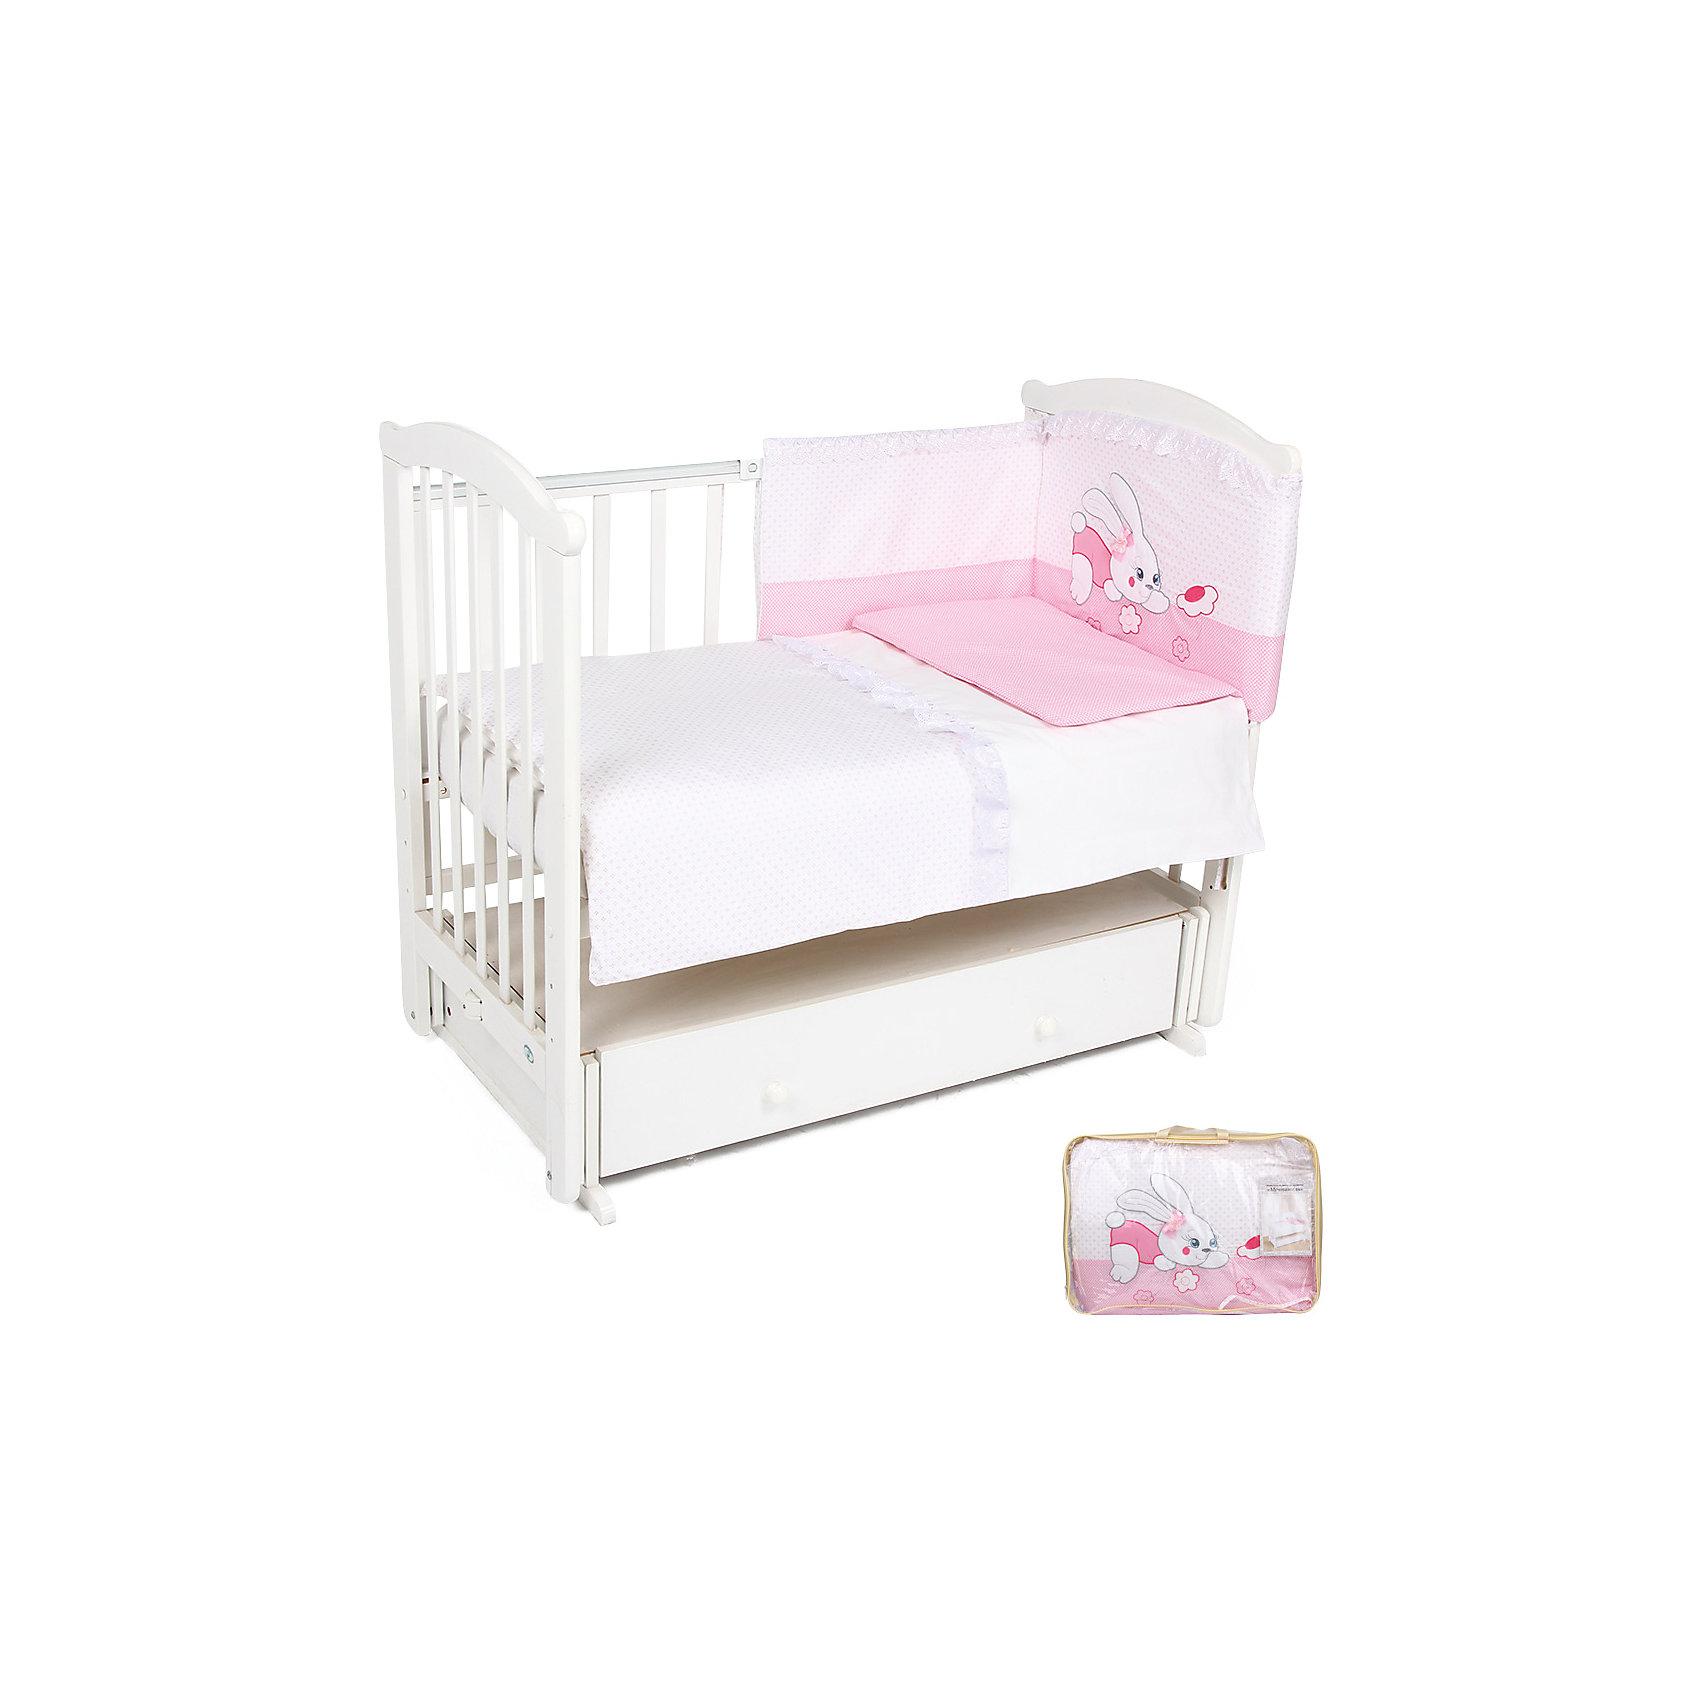 Постельное белье Мечтатели 7 пред., Leader kids, бязь, розовыйПостельное бельё<br>Правильно подобранное постельное белье - это залог крепкого сна ребенка и его хорошего самочувствия. Но постельное белье может при этом быть еще и красивым!<br>Этот набор выполнен из высококачественного гипоаллергенного материала - хлопка. Он приятен на ощупь, позволяет коже дышать, безопасен для детей. В этот комплект входят семь предметов для удобного сна и декорирования кроватки (бампер, одеяло, подушка, наматрасник, наволочка, пододеяльник, простыня на резинке). Размер их - стандартный, всё удобно заправляется. Изделие имеет приятную расцветку, декорировано симпатичным принтом. Подойдет к интерьеру различной расцветки.<br><br>Дополнительная информация:<br><br>материал: бязь (хлопок 100%);<br>комплектация: 7 предметов;<br>бампер 180x40 см<br>одеяло 90х120 см<br>подушка 40х60 см<br>наволочка 40x60 см<br>пододеяльник 90x120 см<br>простыня на резинке 90x150 см<br>наматрасник<br>цвет: розовый.<br><br>Постельное белье Мечтатели 7 пред. от компании Leader kids можно купить в нашем магазине.<br><br>Ширина мм: 650<br>Глубина мм: 200<br>Высота мм: 500<br>Вес г: 3700<br>Возраст от месяцев: 0<br>Возраст до месяцев: 36<br>Пол: Женский<br>Возраст: Детский<br>SKU: 4778558